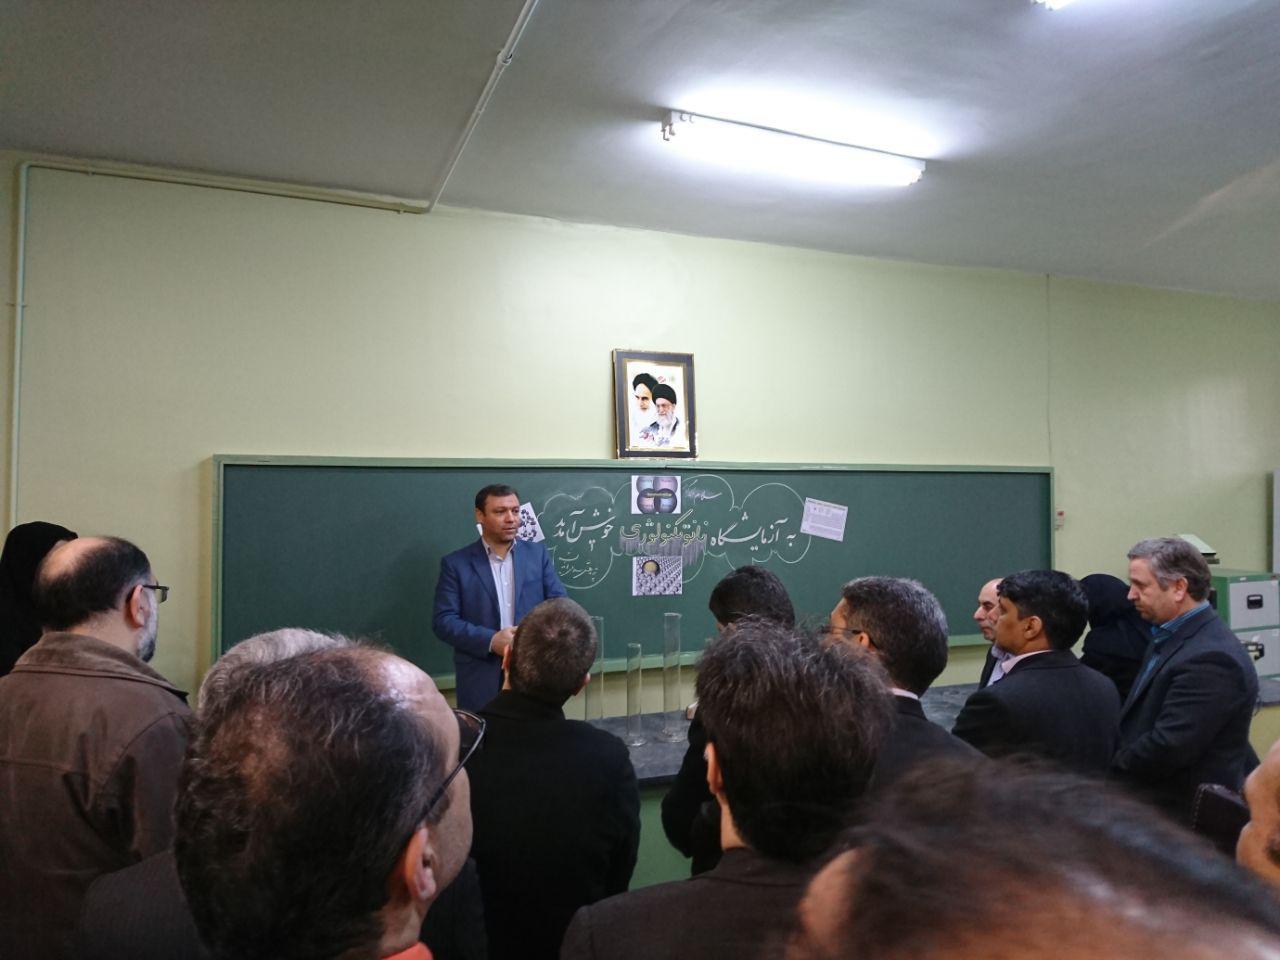 جلسه ی مدیران متوسطه دوره ی اول ،دوم و هنرستان ها در پژوهش سرای اندیشه برگزار شد.